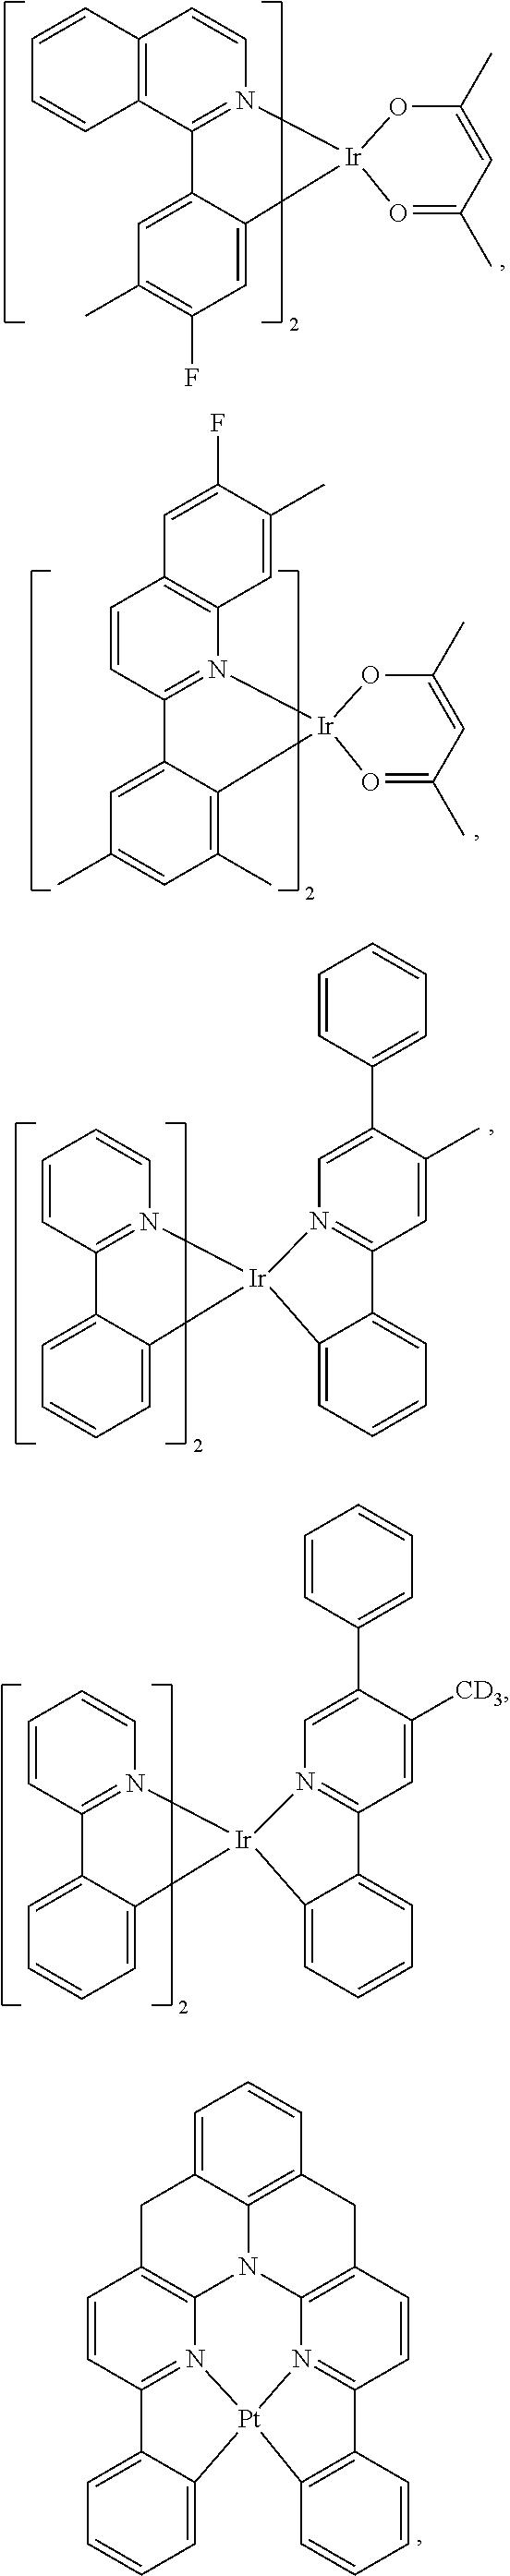 Figure US20190161504A1-20190530-C00076